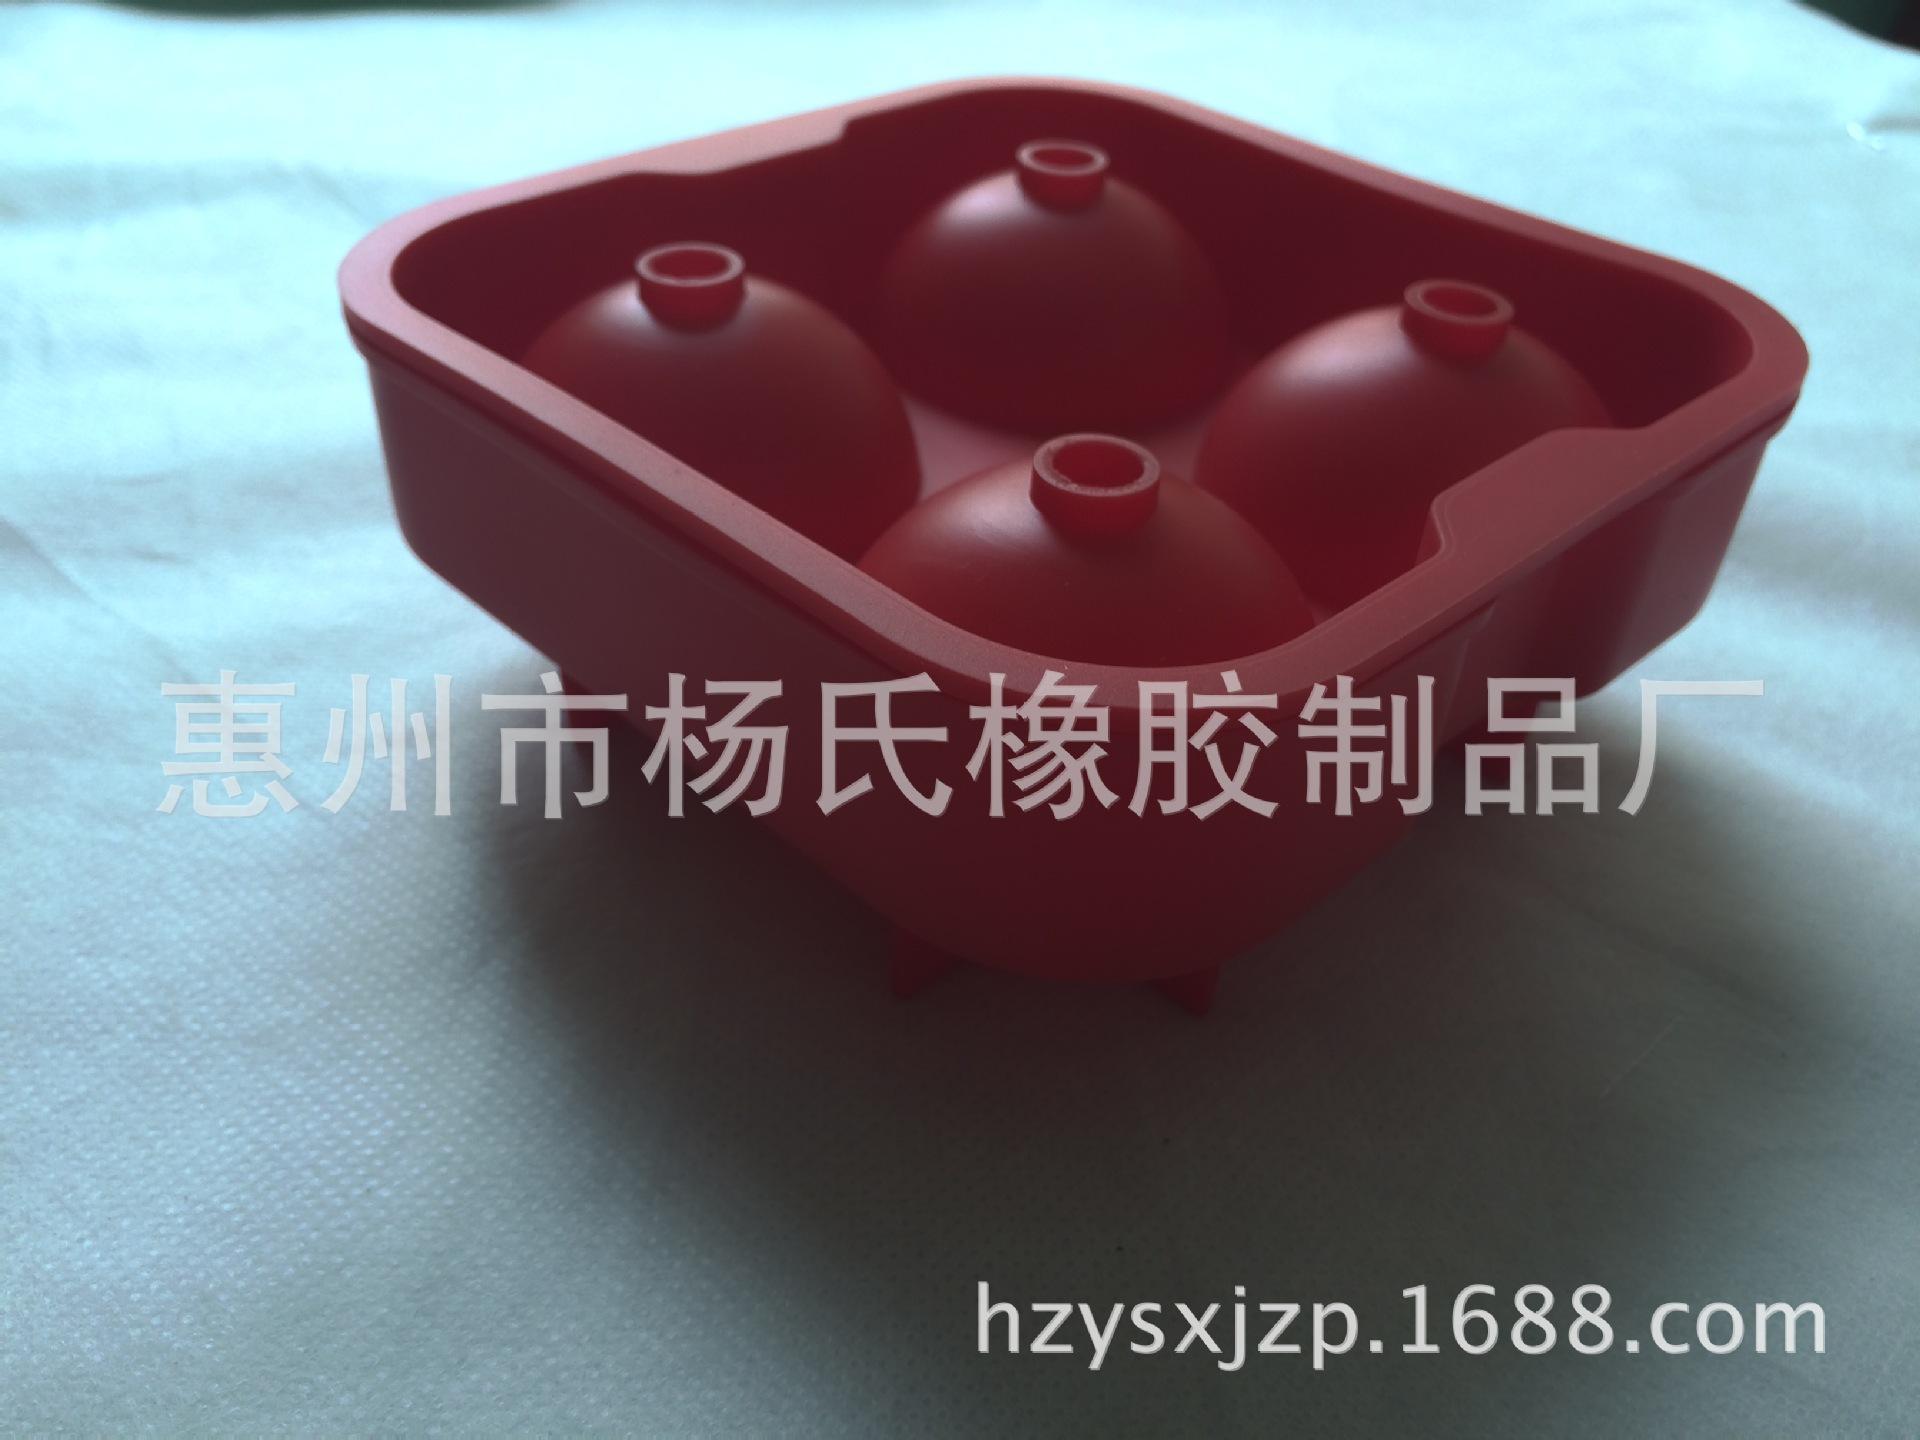 硅胶冰格 积木硅胶冰格 硅胶冰格乐高